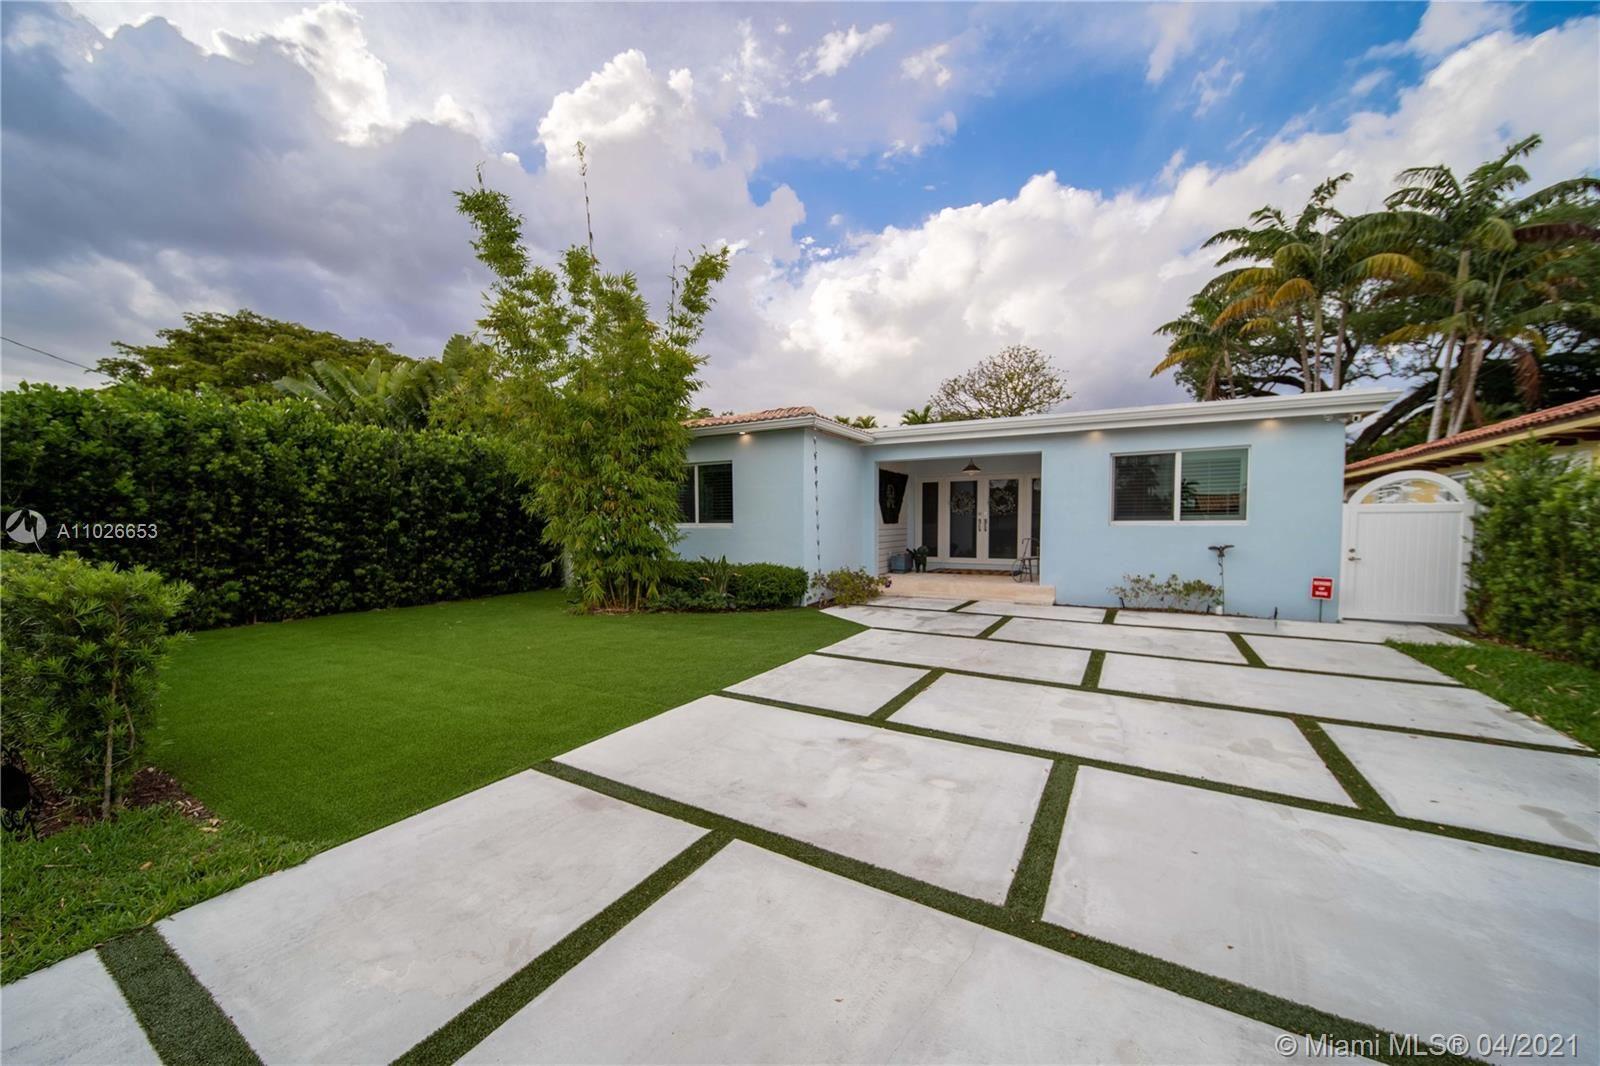 Photo of Miami, FL 33155 (MLS # A11026653)